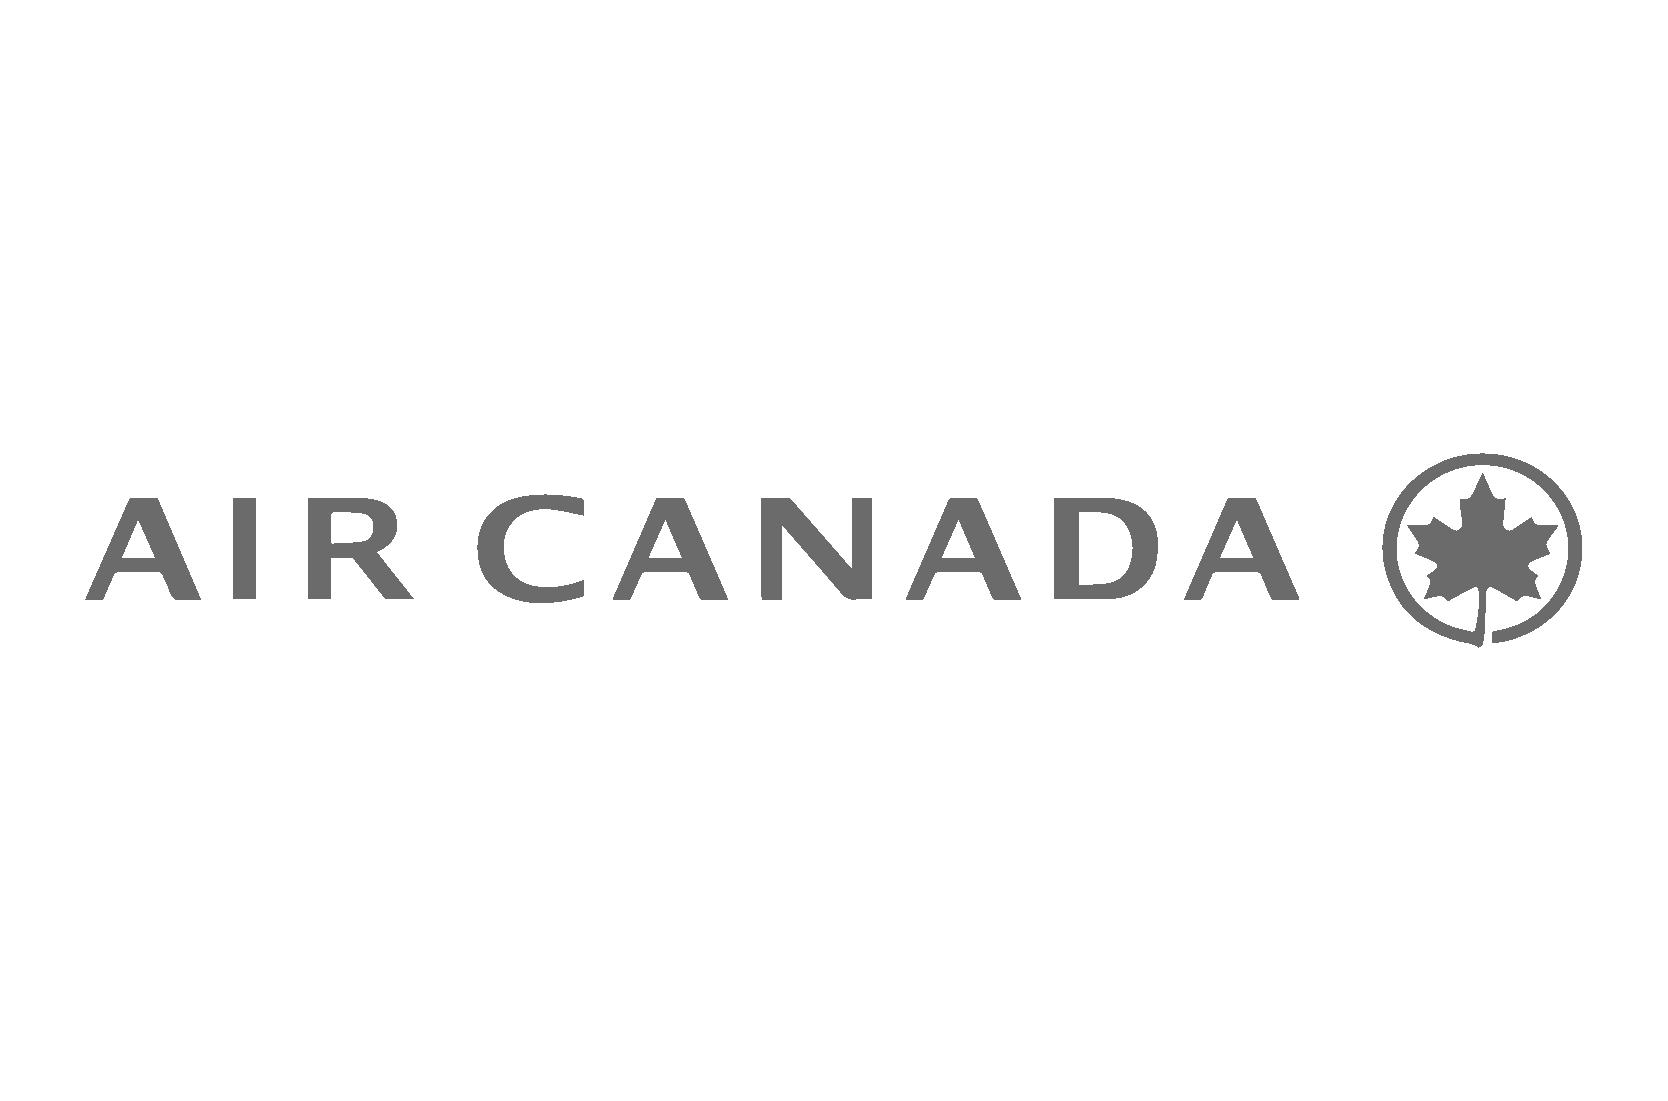 ceremony-travel-air-canada-logo